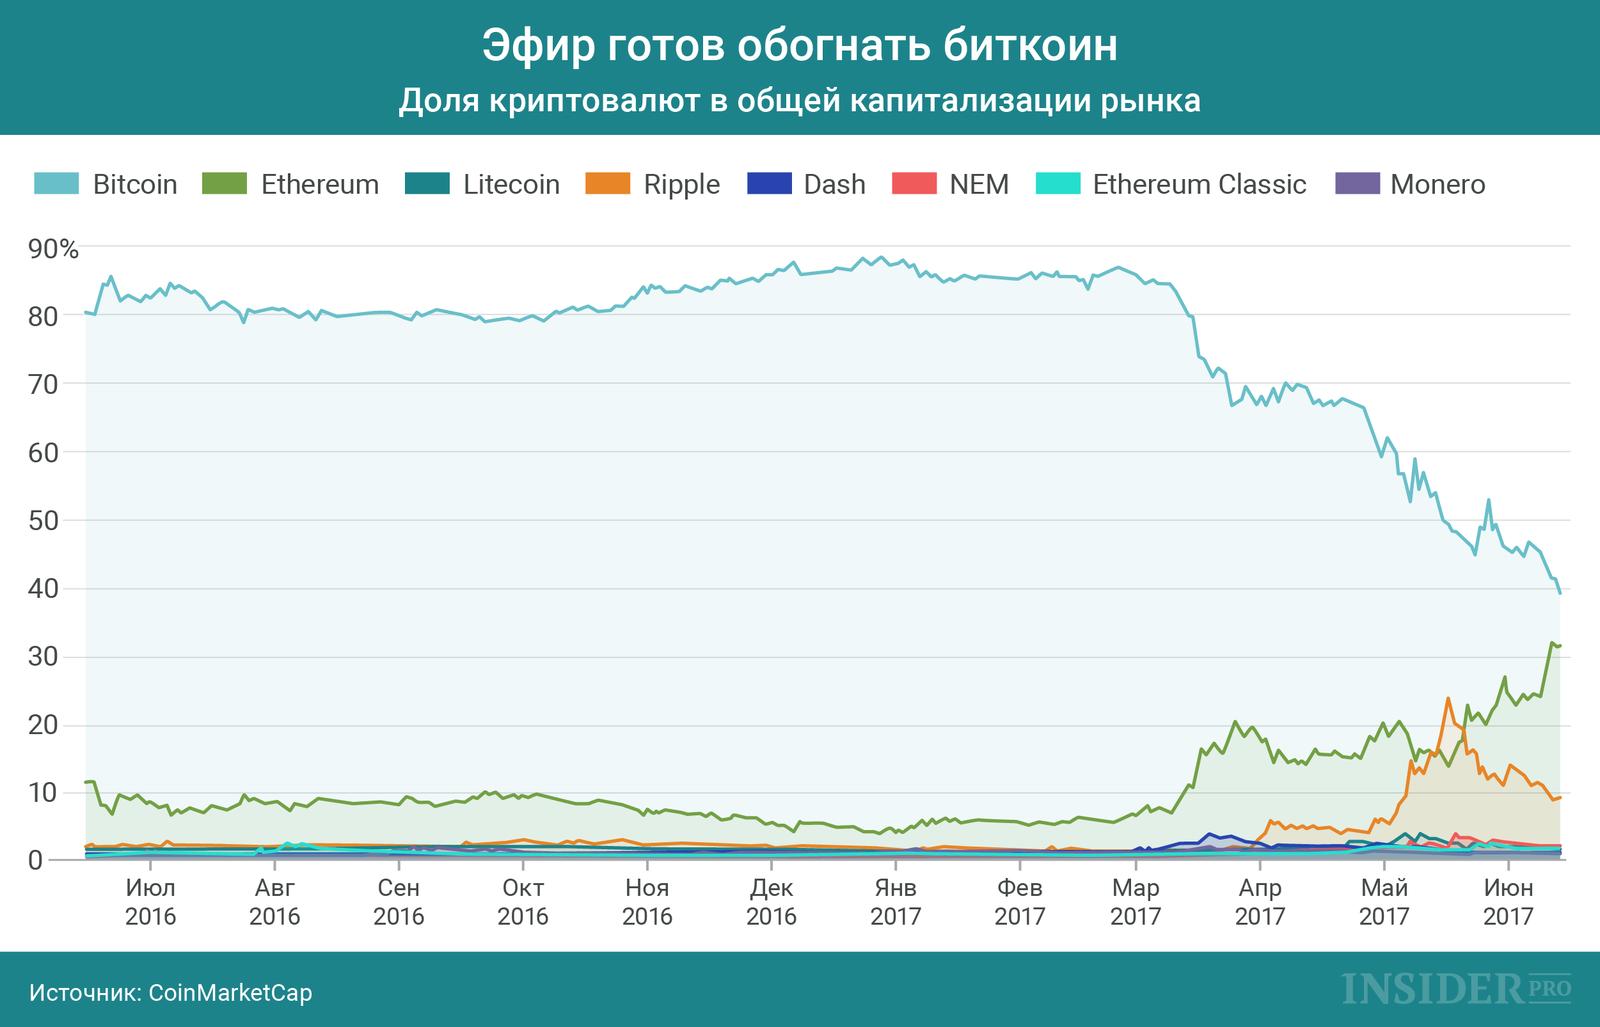 криптовалюта легальна в ли россии-19